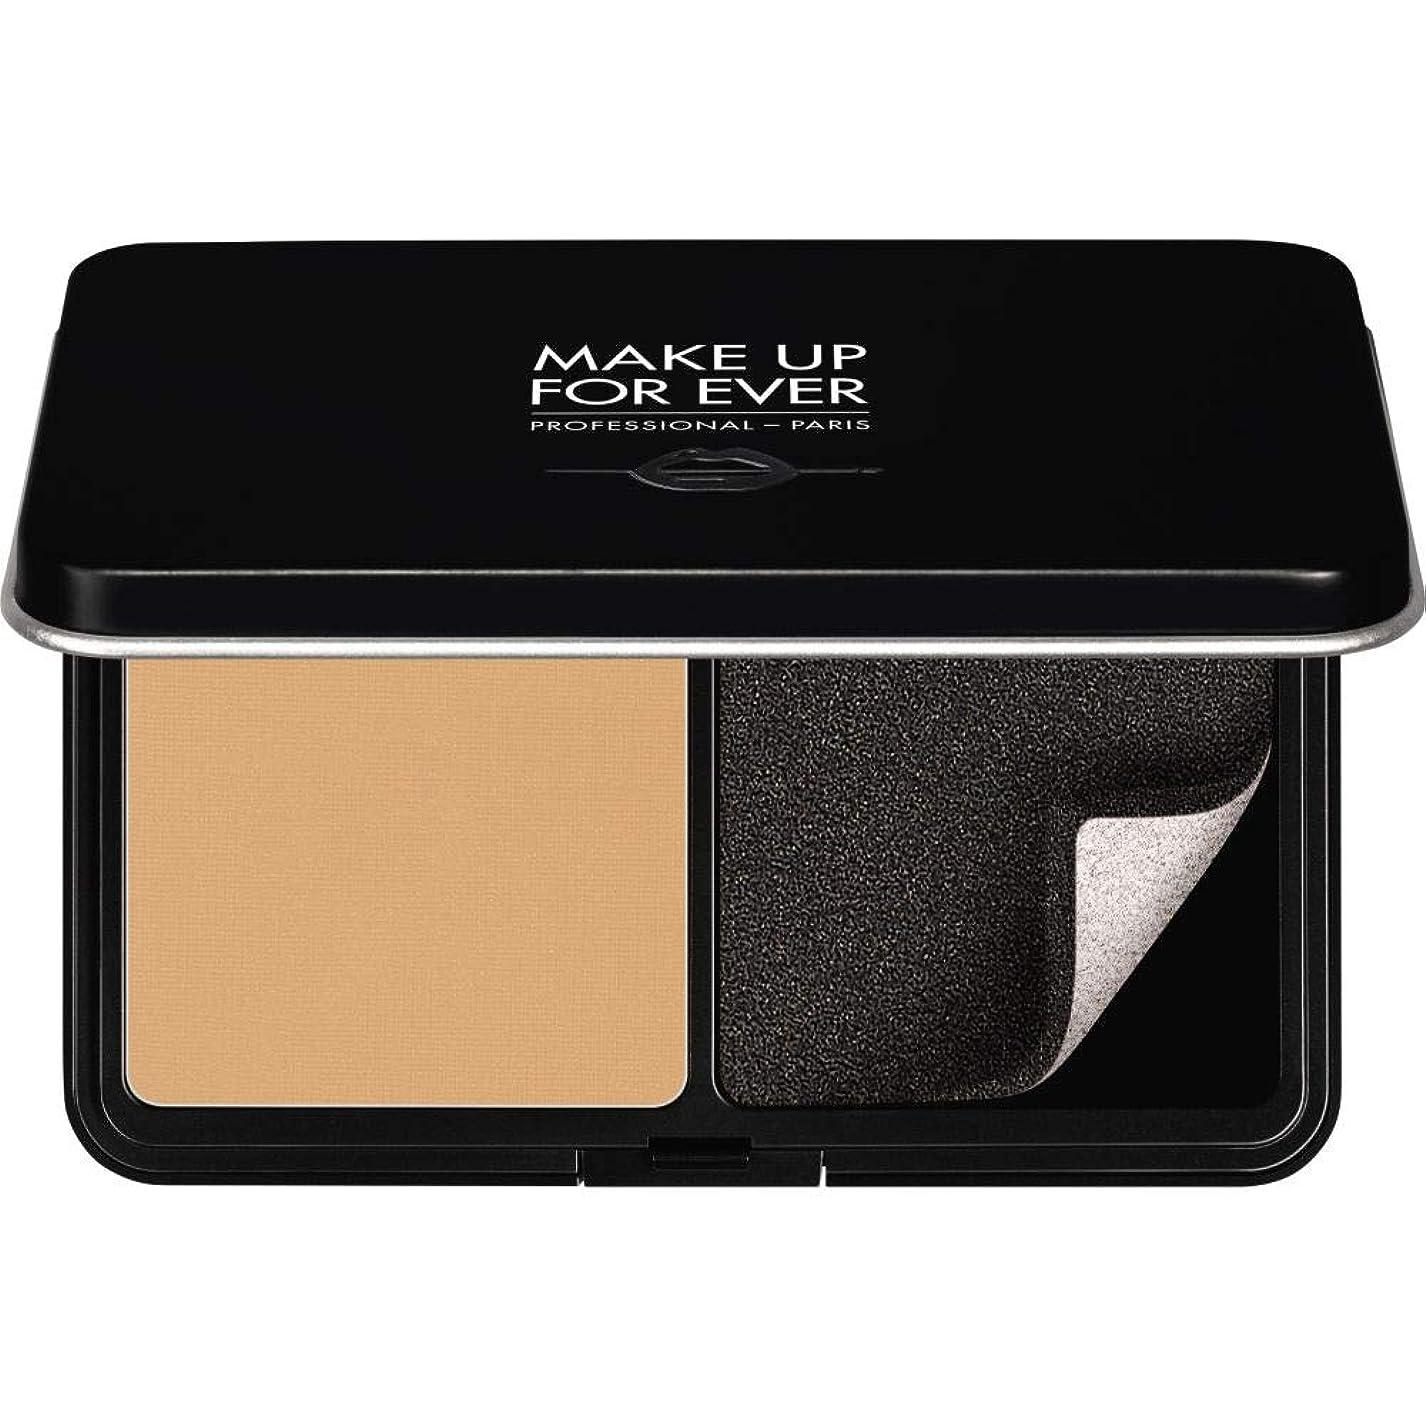 動的年ジョージスティーブンソン[MAKE UP FOR EVER ] 柔らかい砂 - パウダーファンデーション11GののY245をぼかし、これまでマットベルベットの肌を補います - MAKE UP FOR EVER Matte Velvet Skin Blurring Powder Foundation 11g Y245 - Soft Sand [並行輸入品]